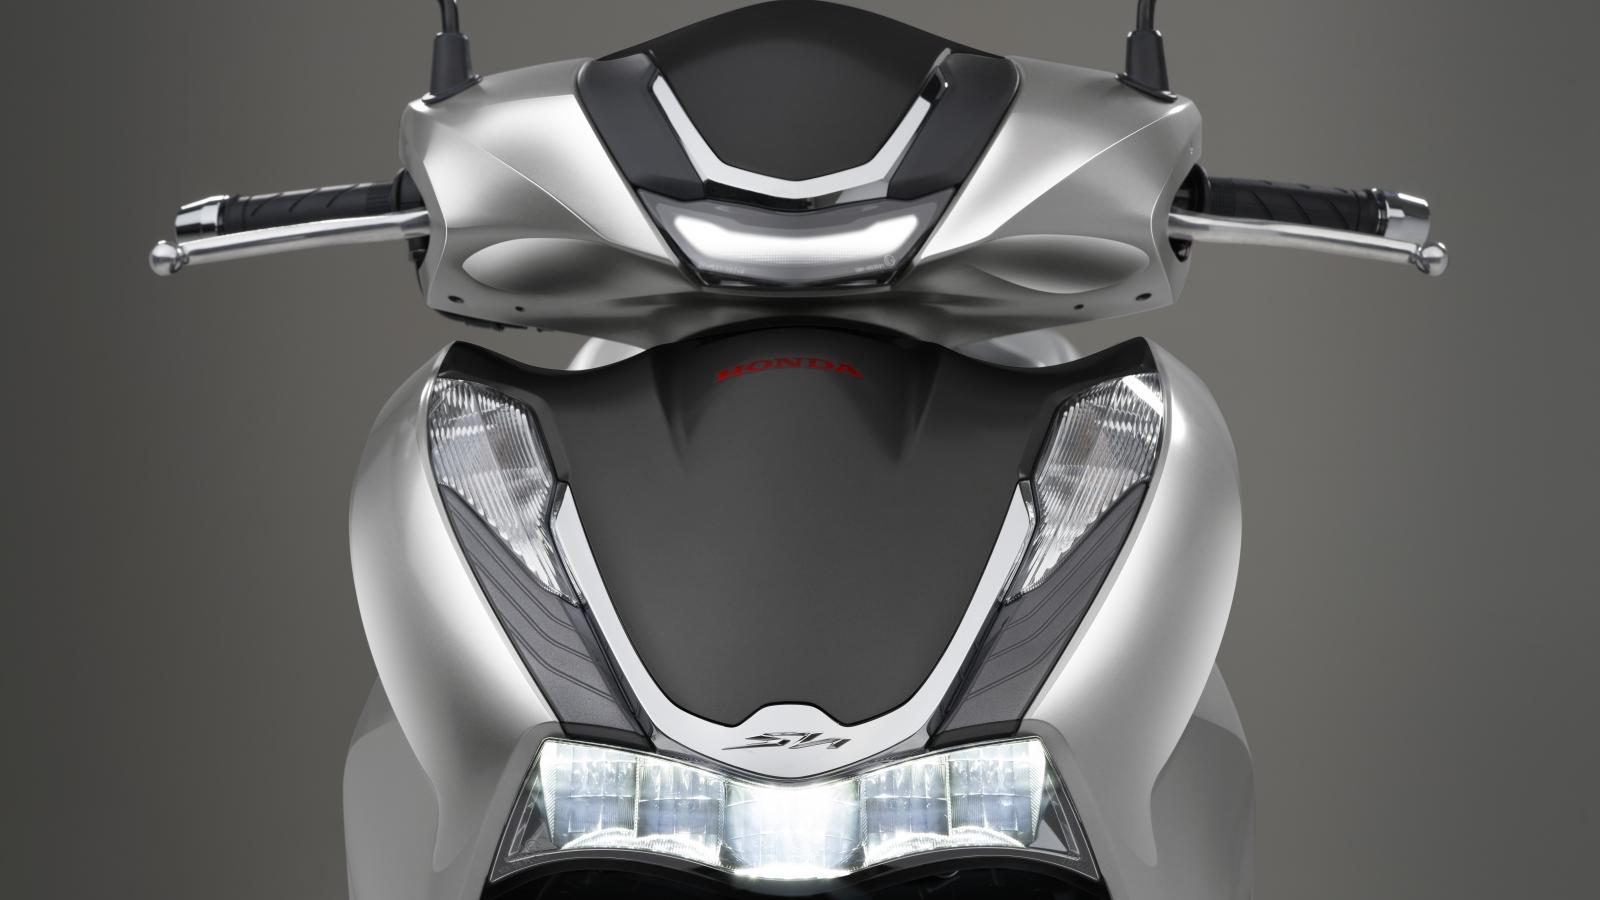 Ảnh chi tiết Honda SH350i giá từ 146 triệu đồng tại Việt Nam